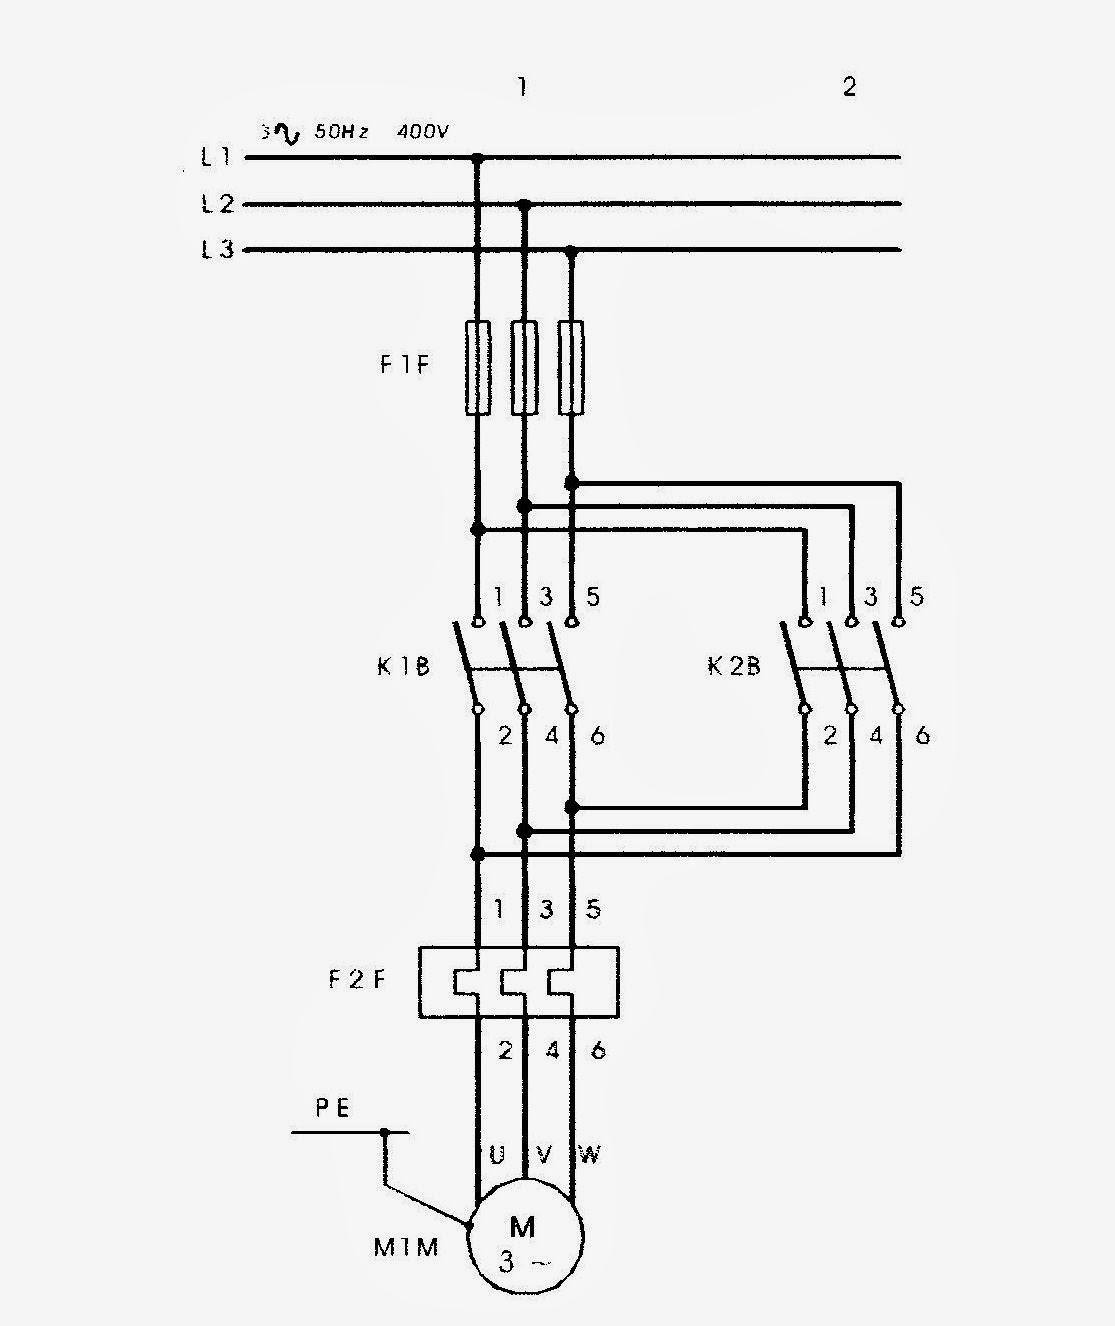 Circuito Y Sus Partes : TecnologÍa electrÓnica subcircuito de enclavamiento